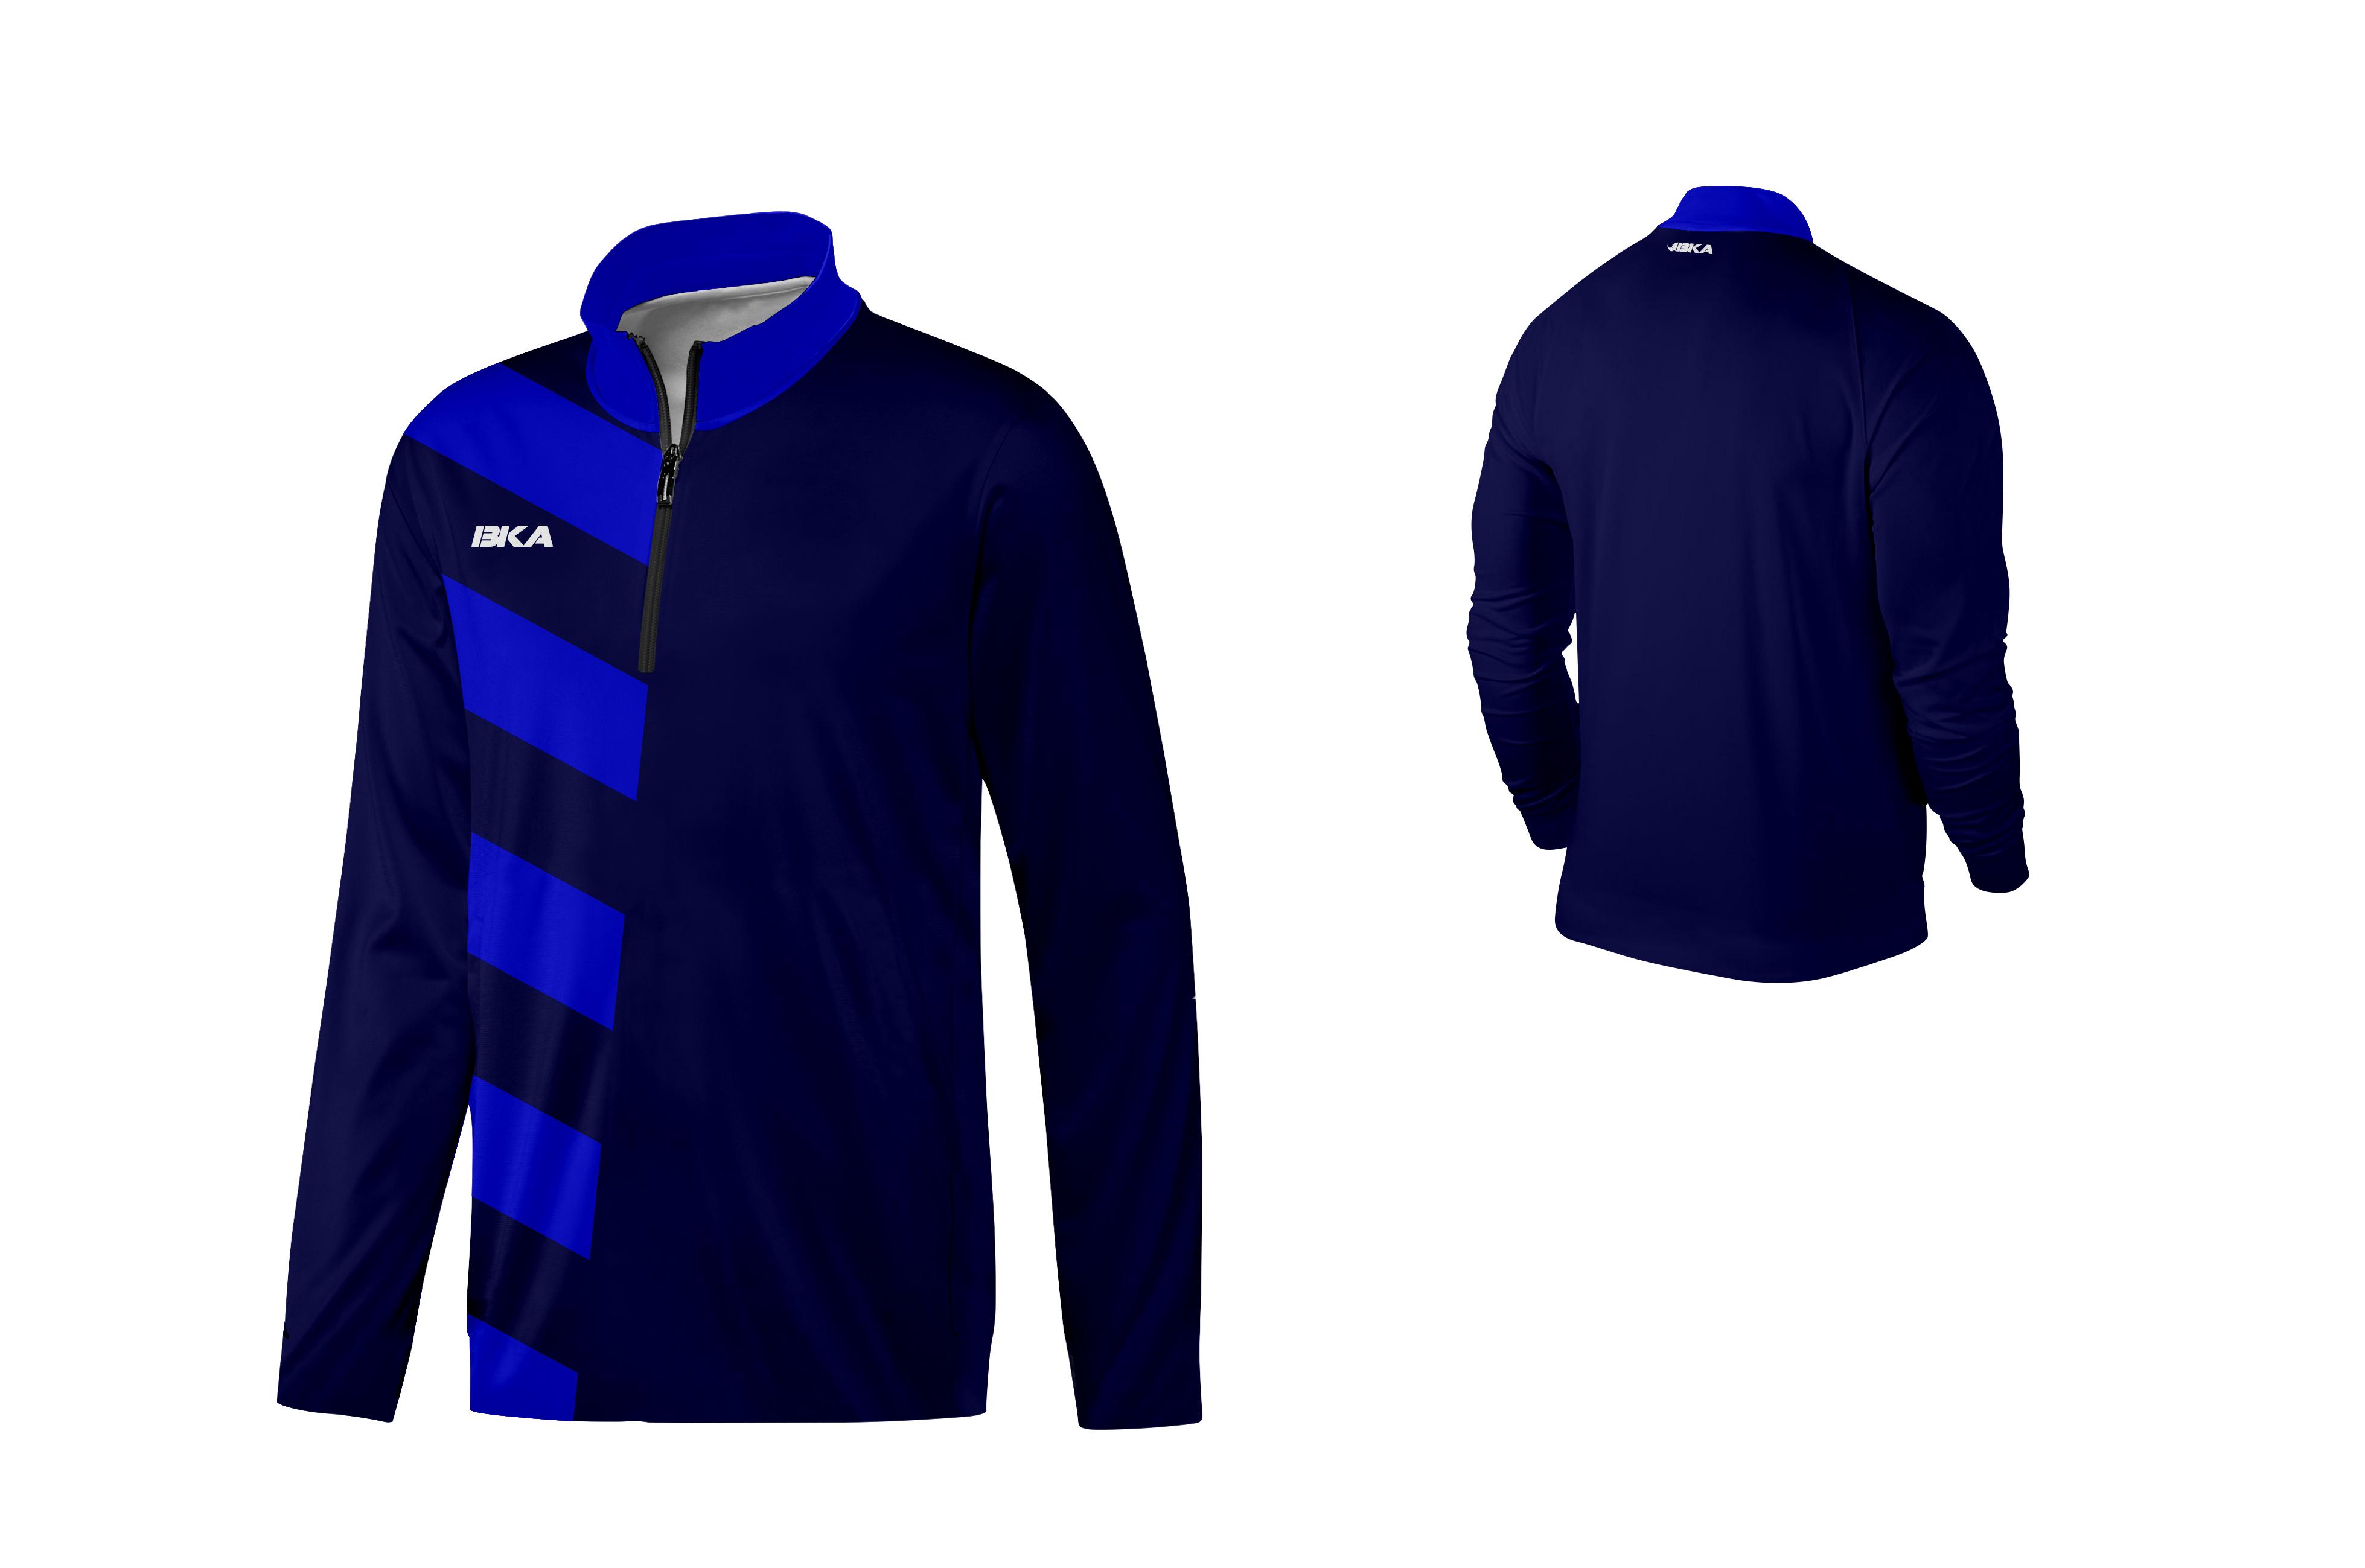 SUDADERA BKA DORTMUND azul marino-azul royal